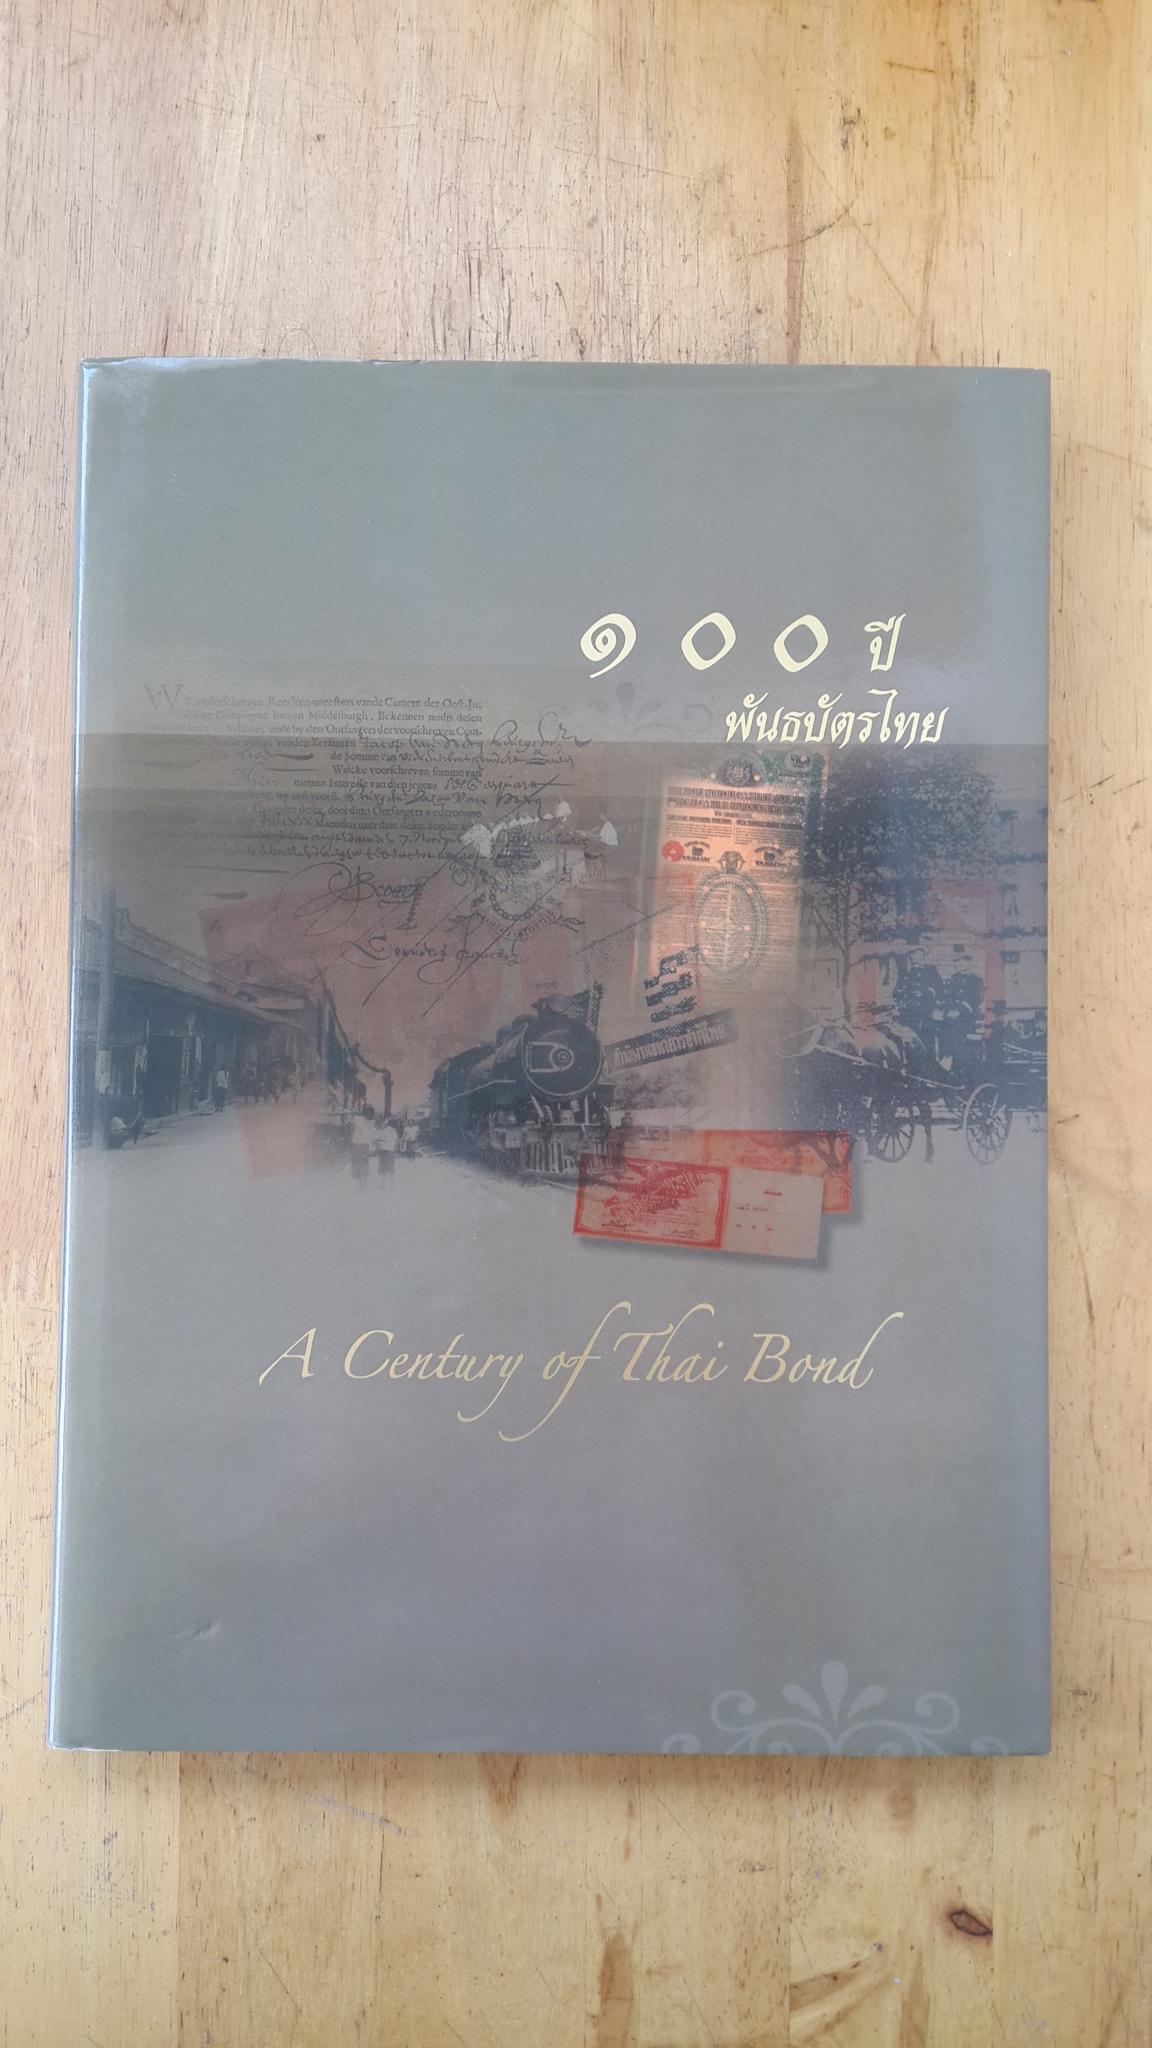 ๑๐๐ ปี พันธบัตรไทย / รองศาสตราจารย์รัชฎาพร เลิศโภคานนท์